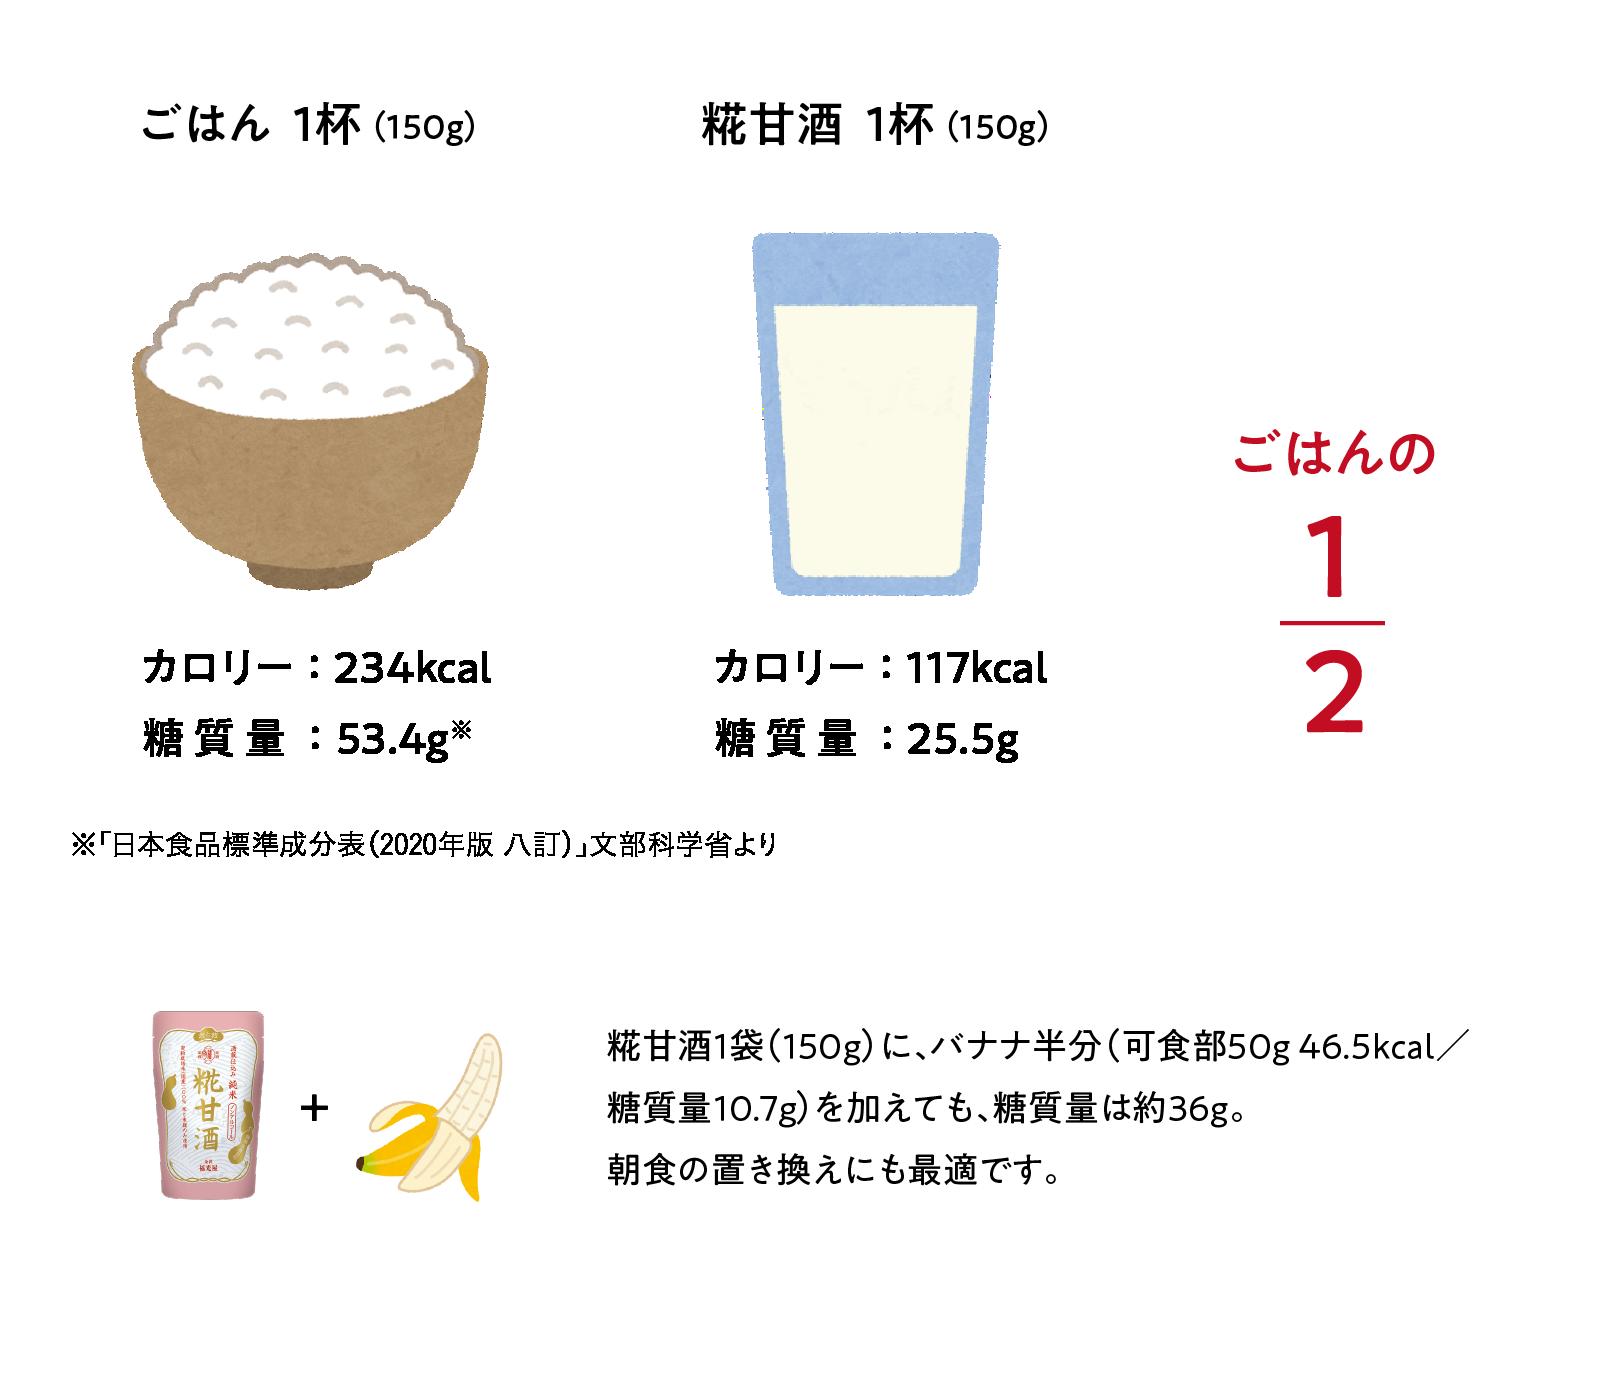 甘酒とご飯のカロリー比較